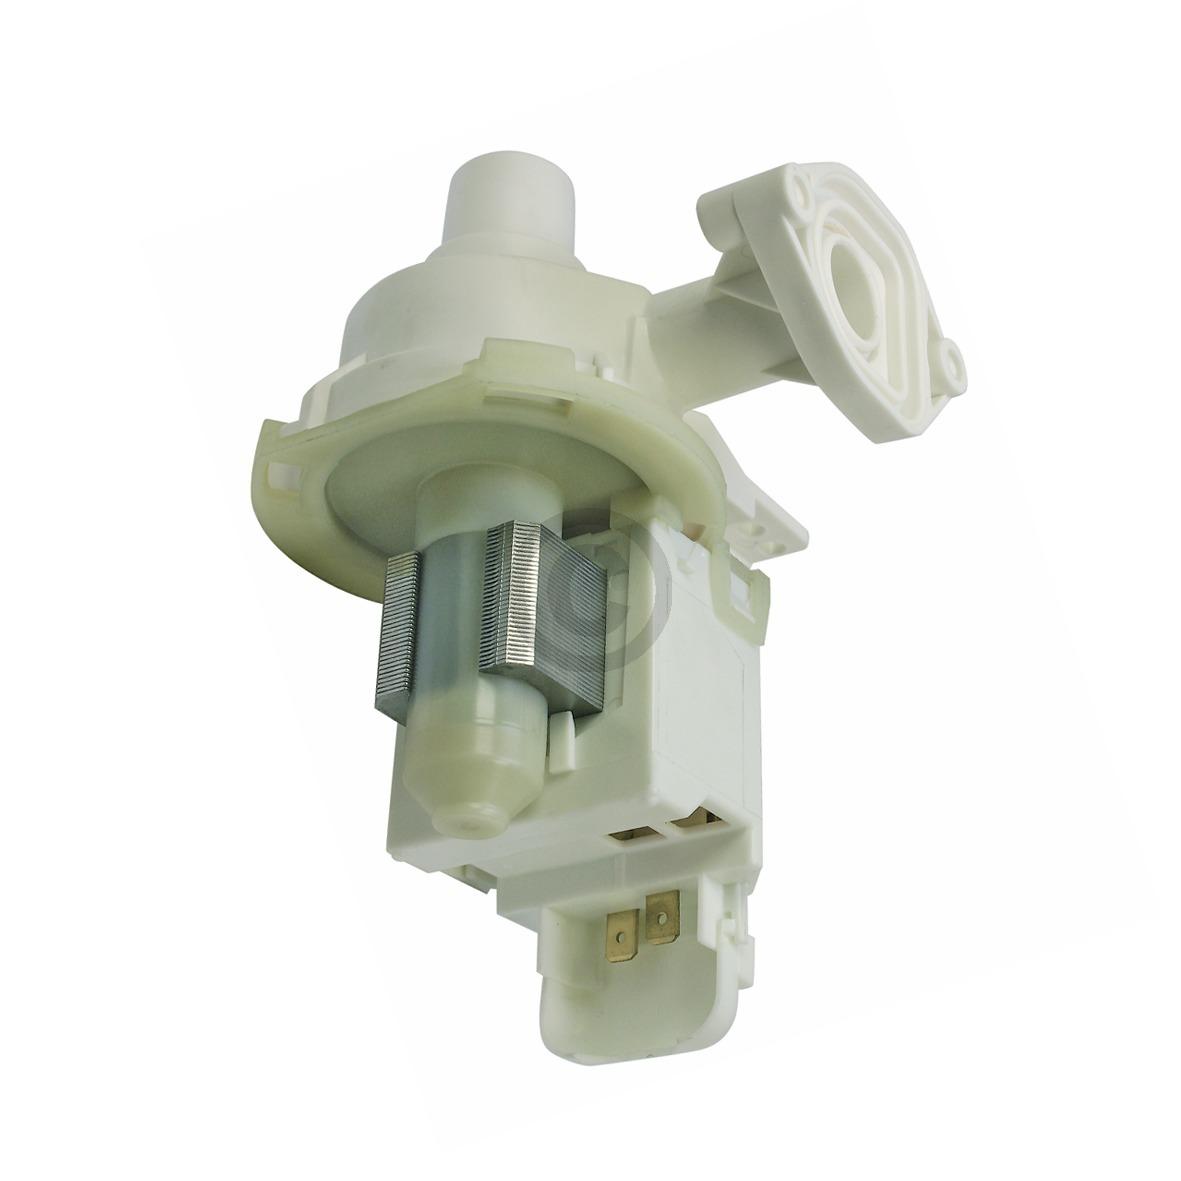 Ablaufpumpe wie Bosch 00095684 Copreci mit Pumpenkopf für Geschirrspüler